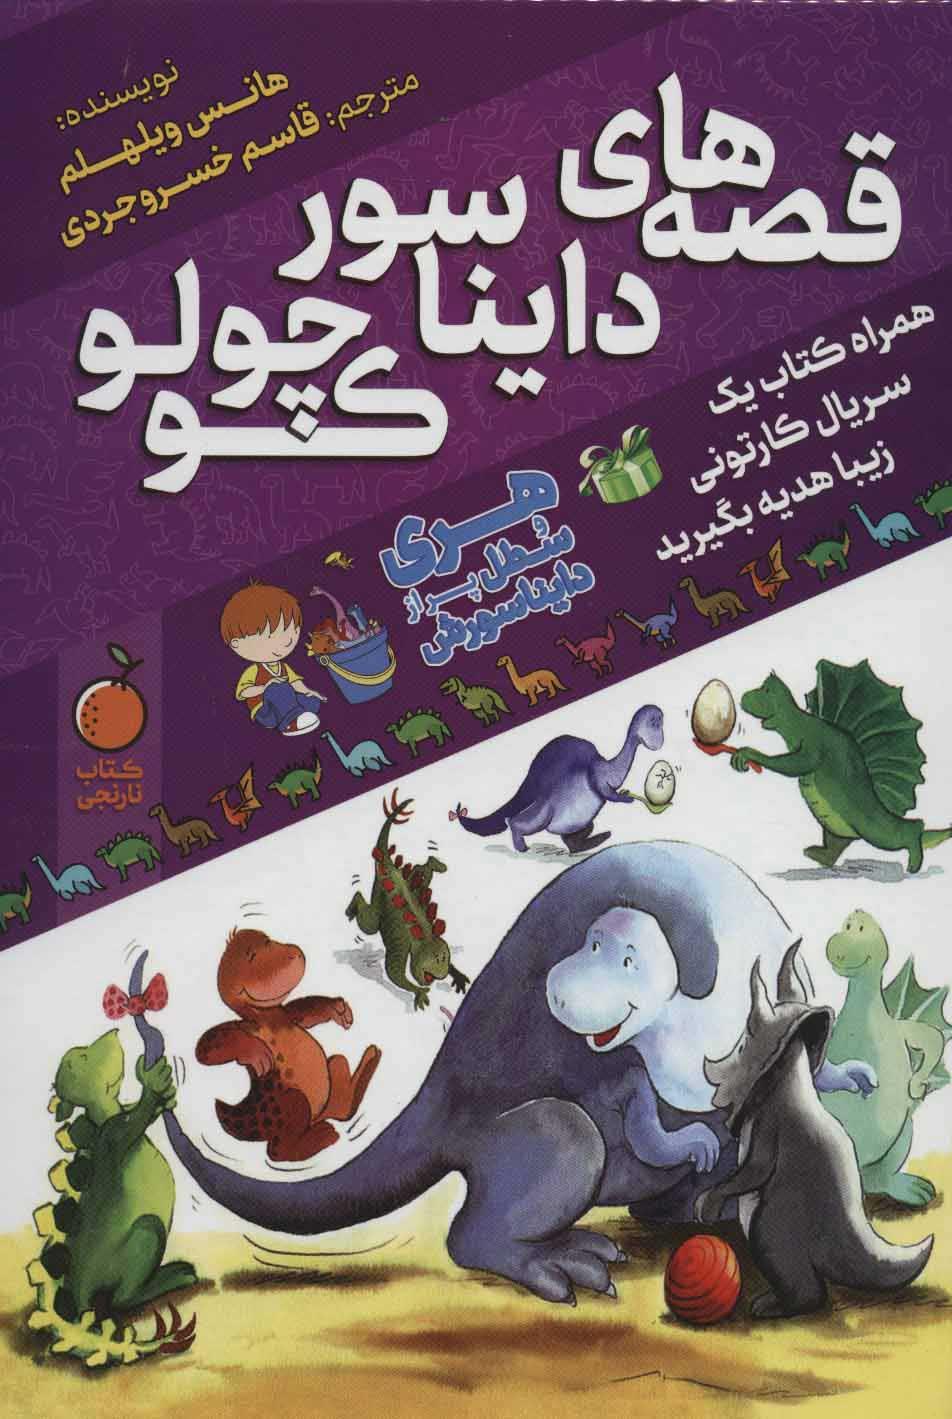 کتاب قصه های دایناسور کوچولو